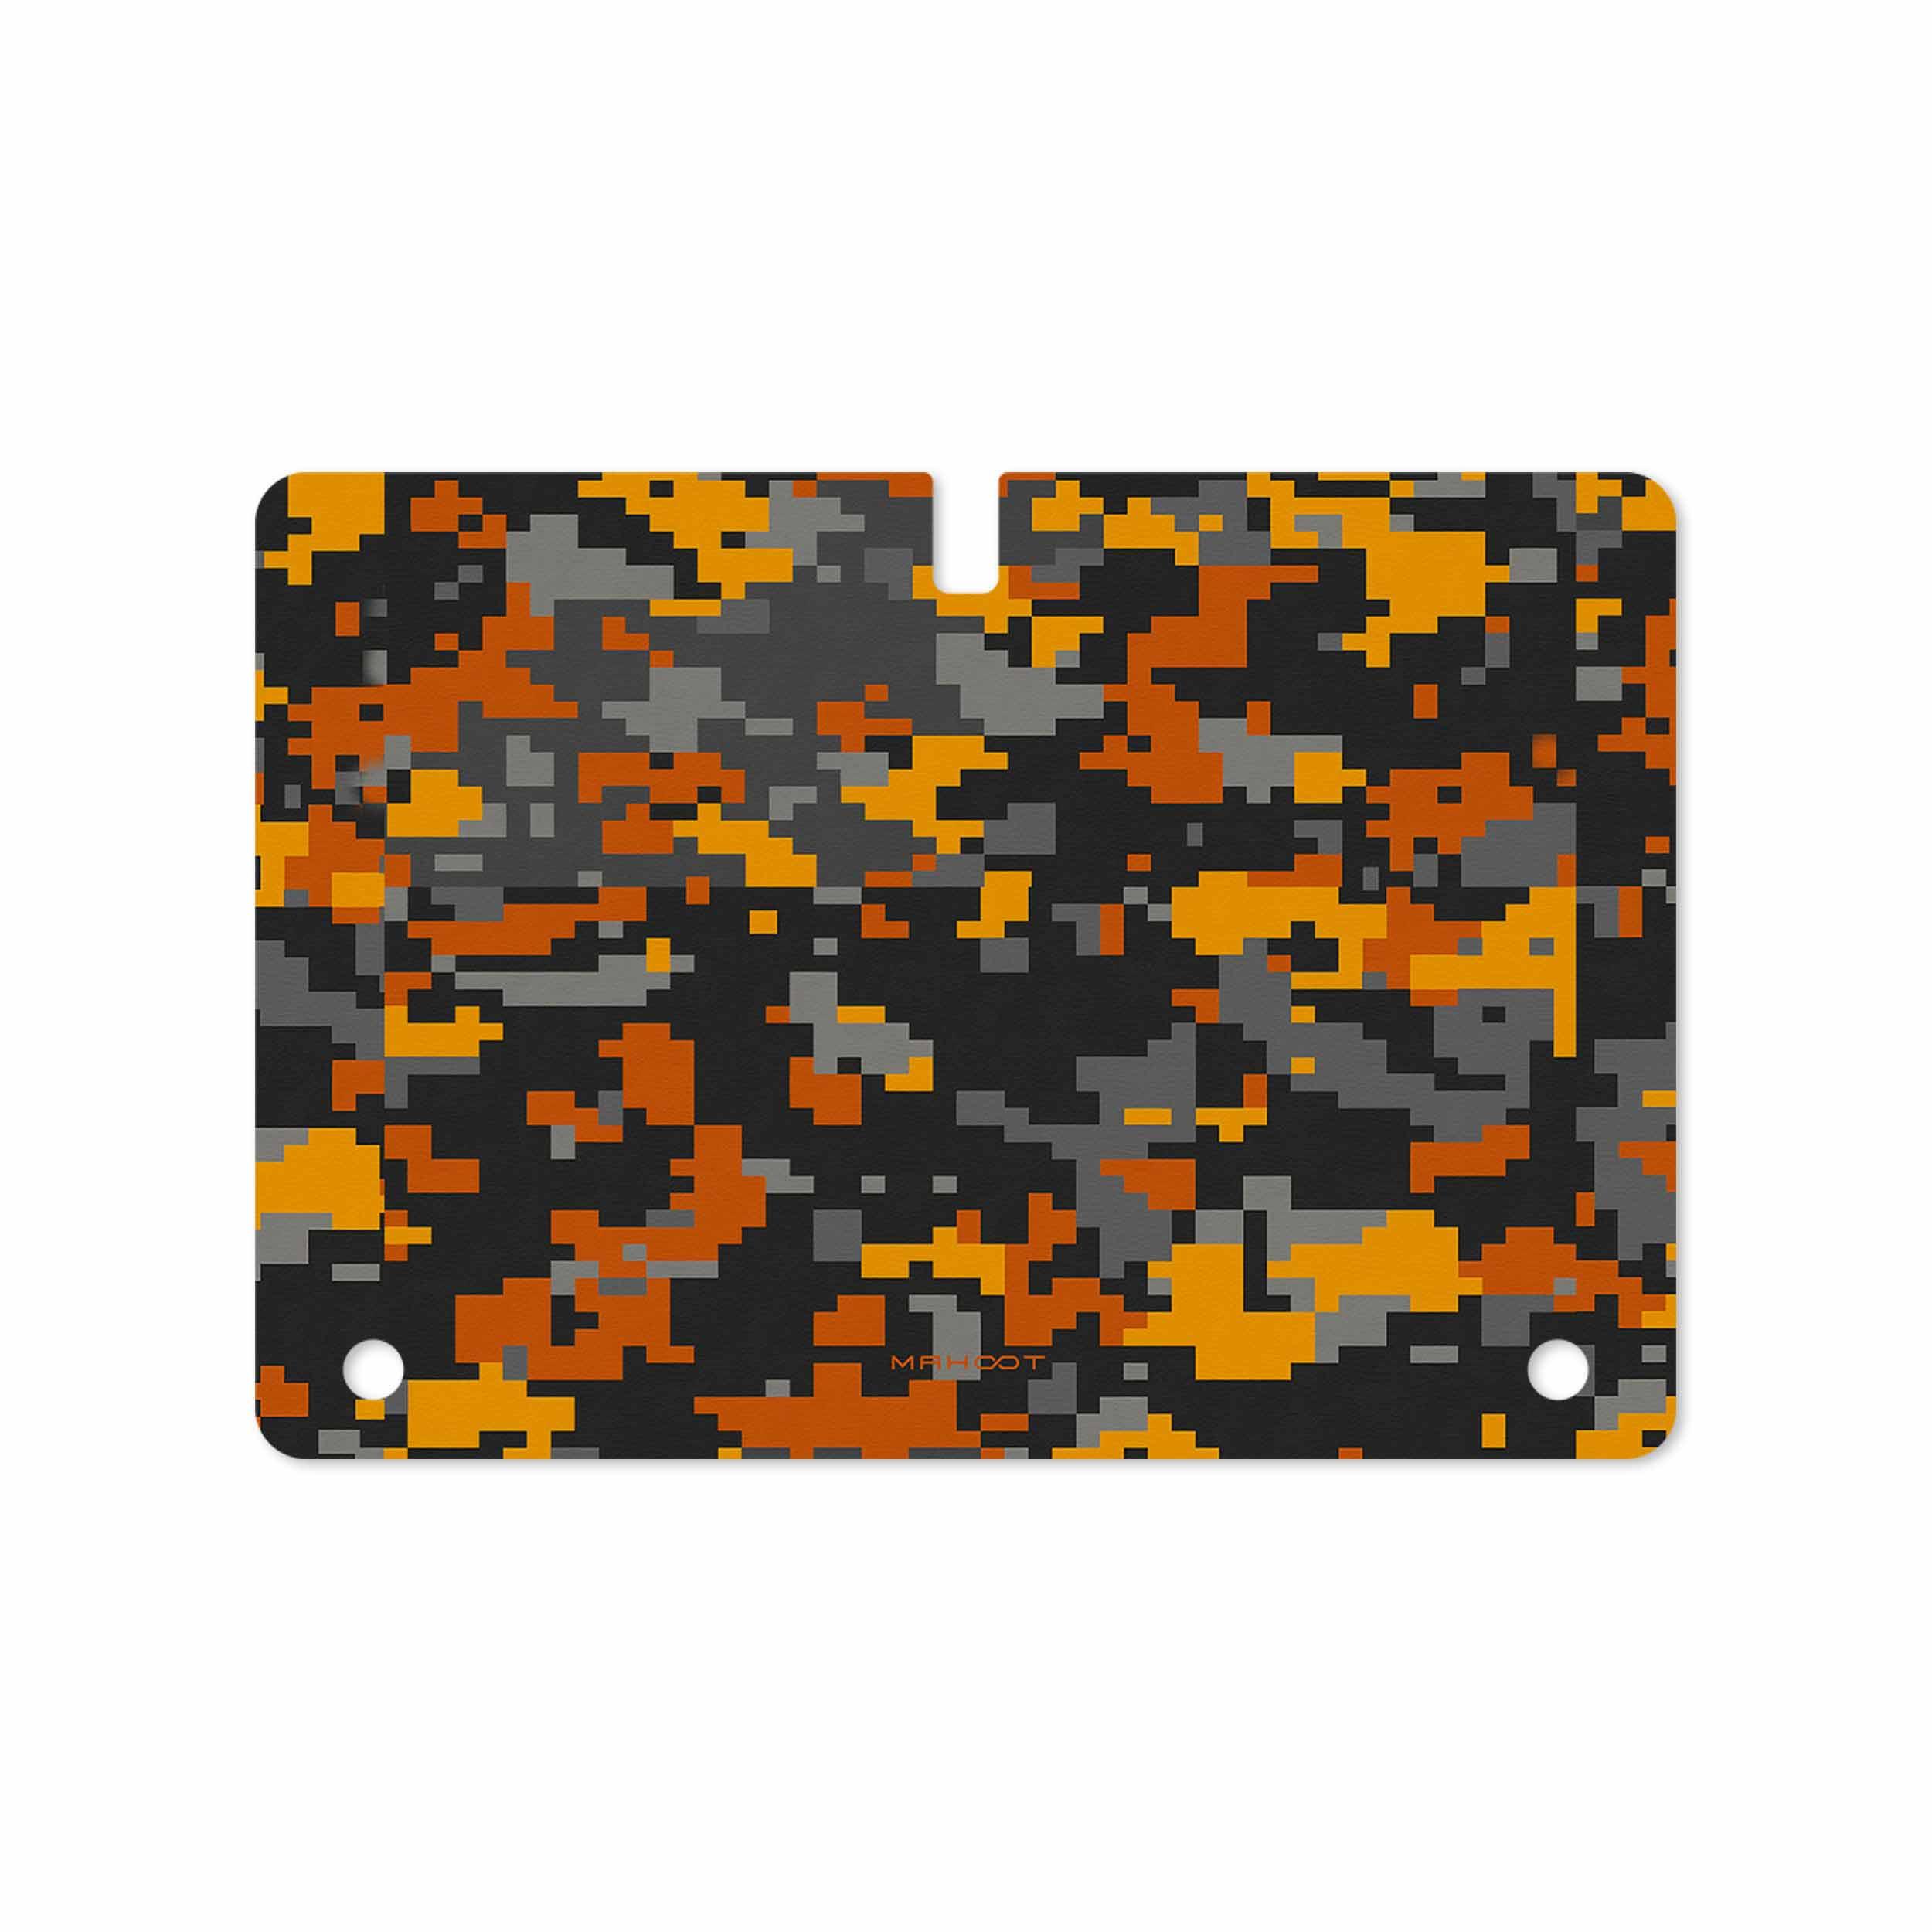 بررسی و خرید [با تخفیف]                                     برچسب پوششی ماهوت مدل Army-Autumn-pixel مناسب برای تبلت سامسونگ Galaxy Tab S 10.5 2014 T805                             اورجینال